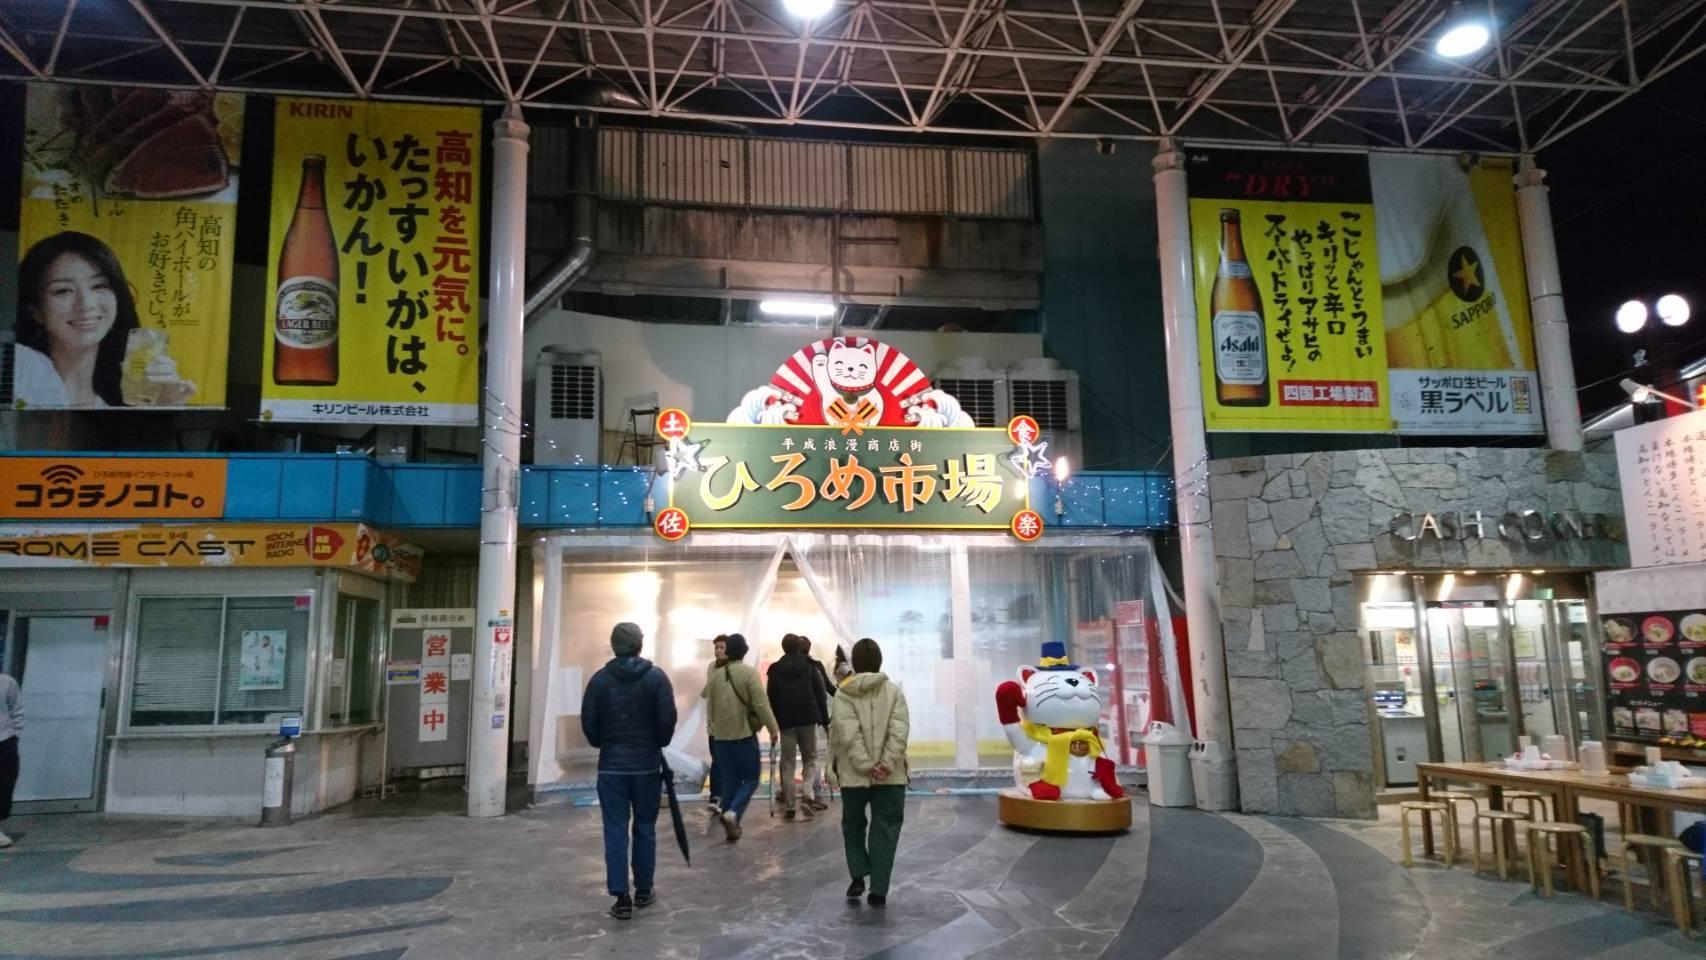 2020.1.25-27 「一二の用品店」を訪ねる高知旅_b0219778_16470381.jpg